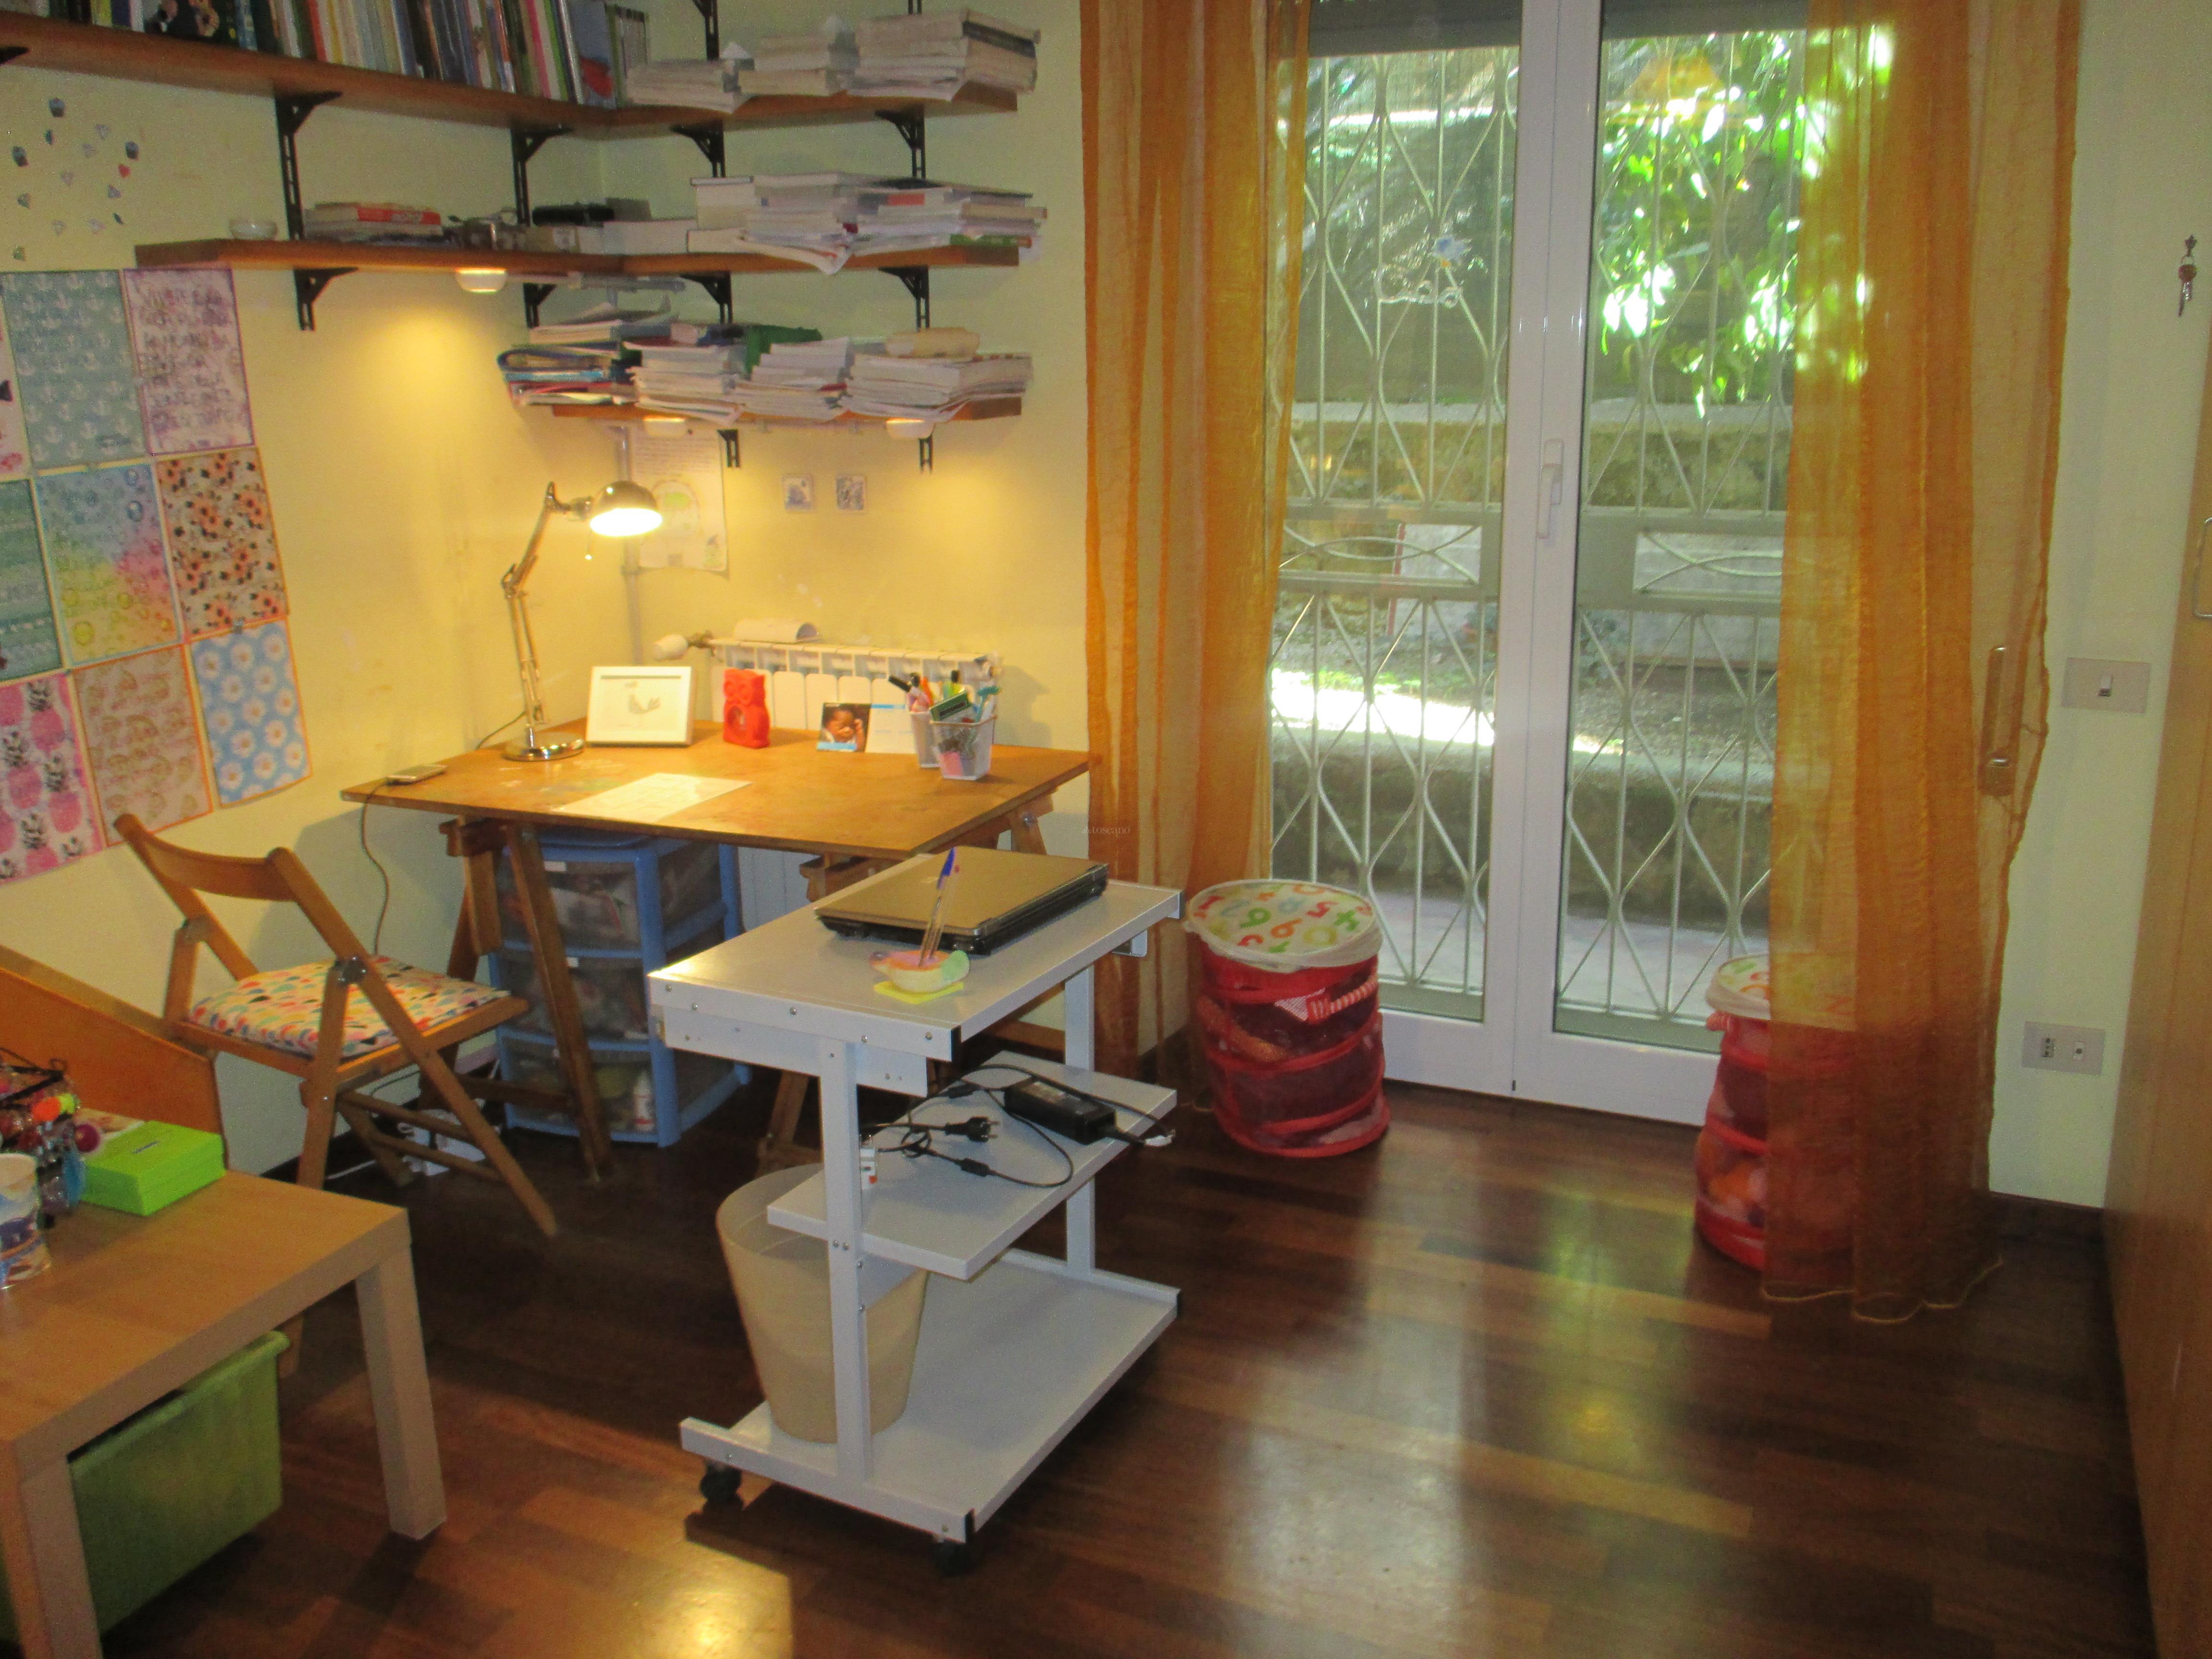 Casa a Roma in Via Mario Rapisardi (zona Talenti)